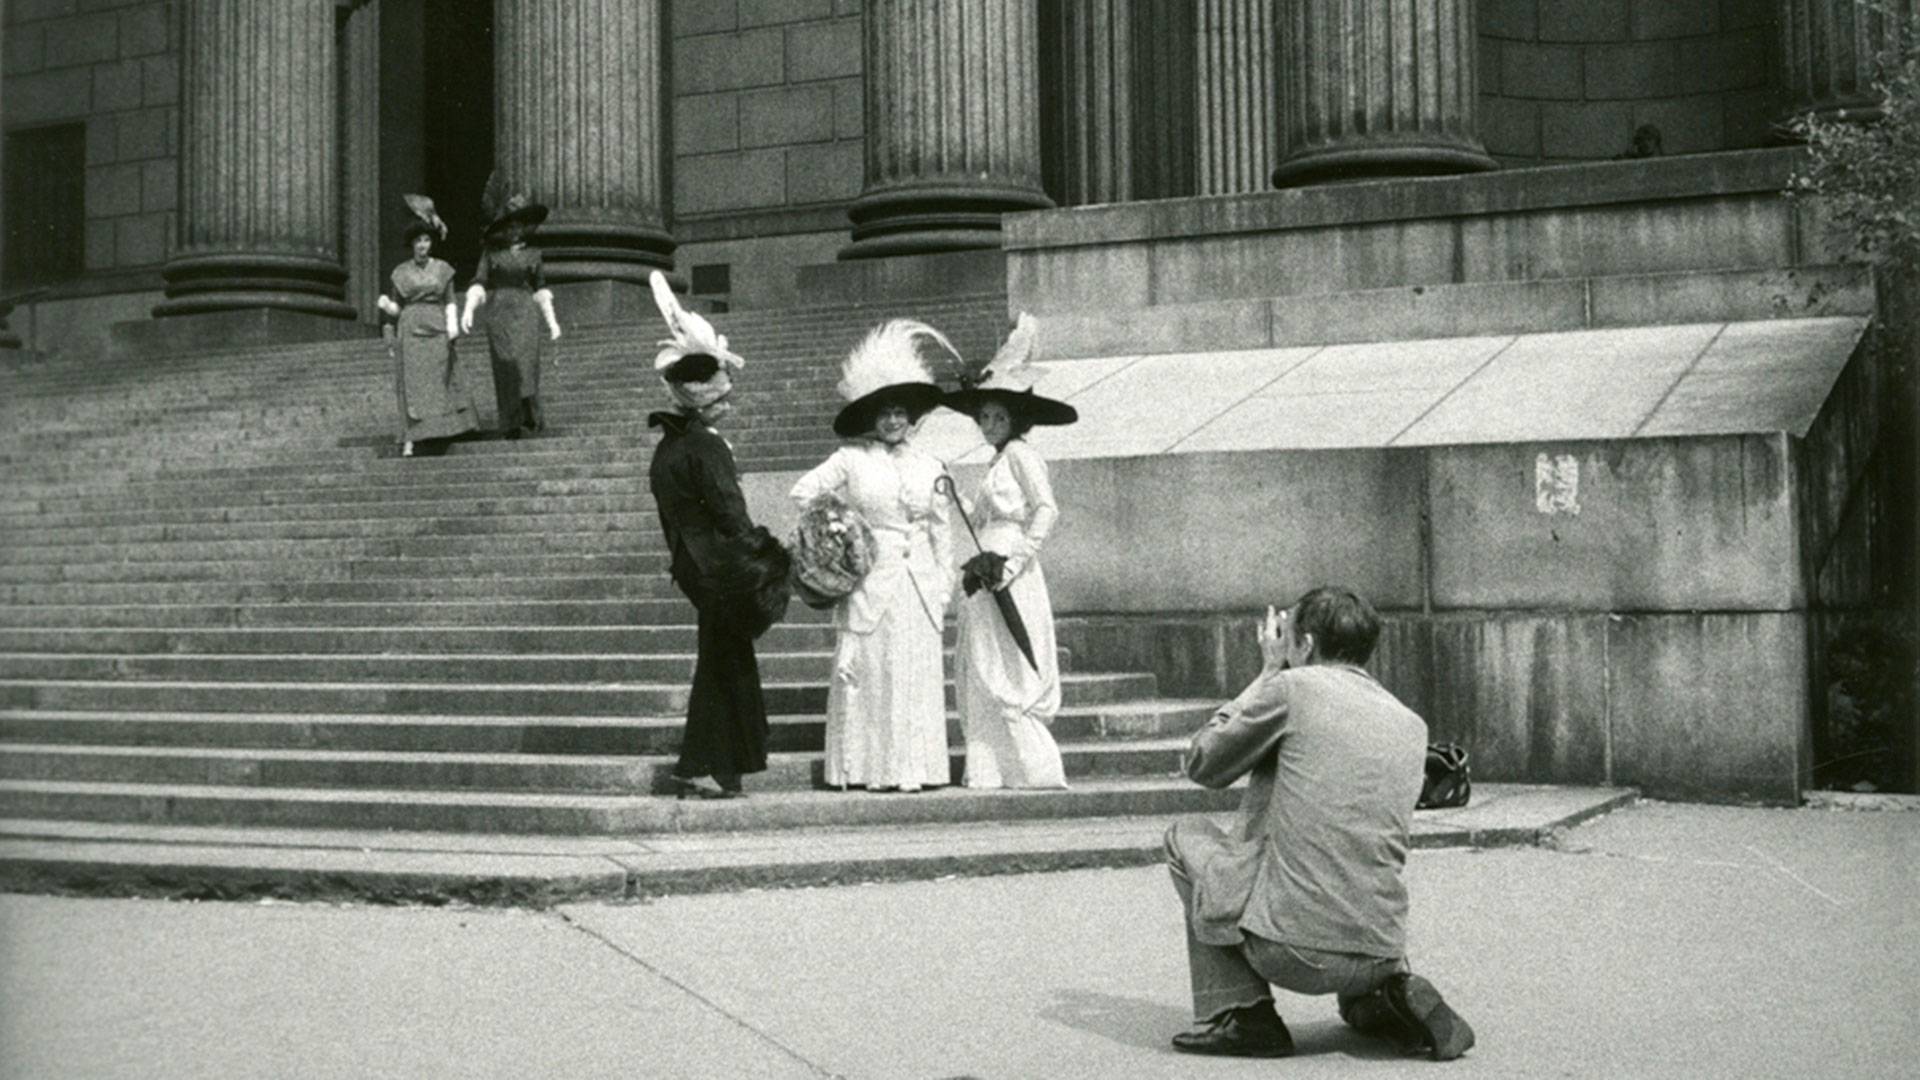 La Sociedad Histórica de Nueva York rinde homenaje a Bill Cunningham